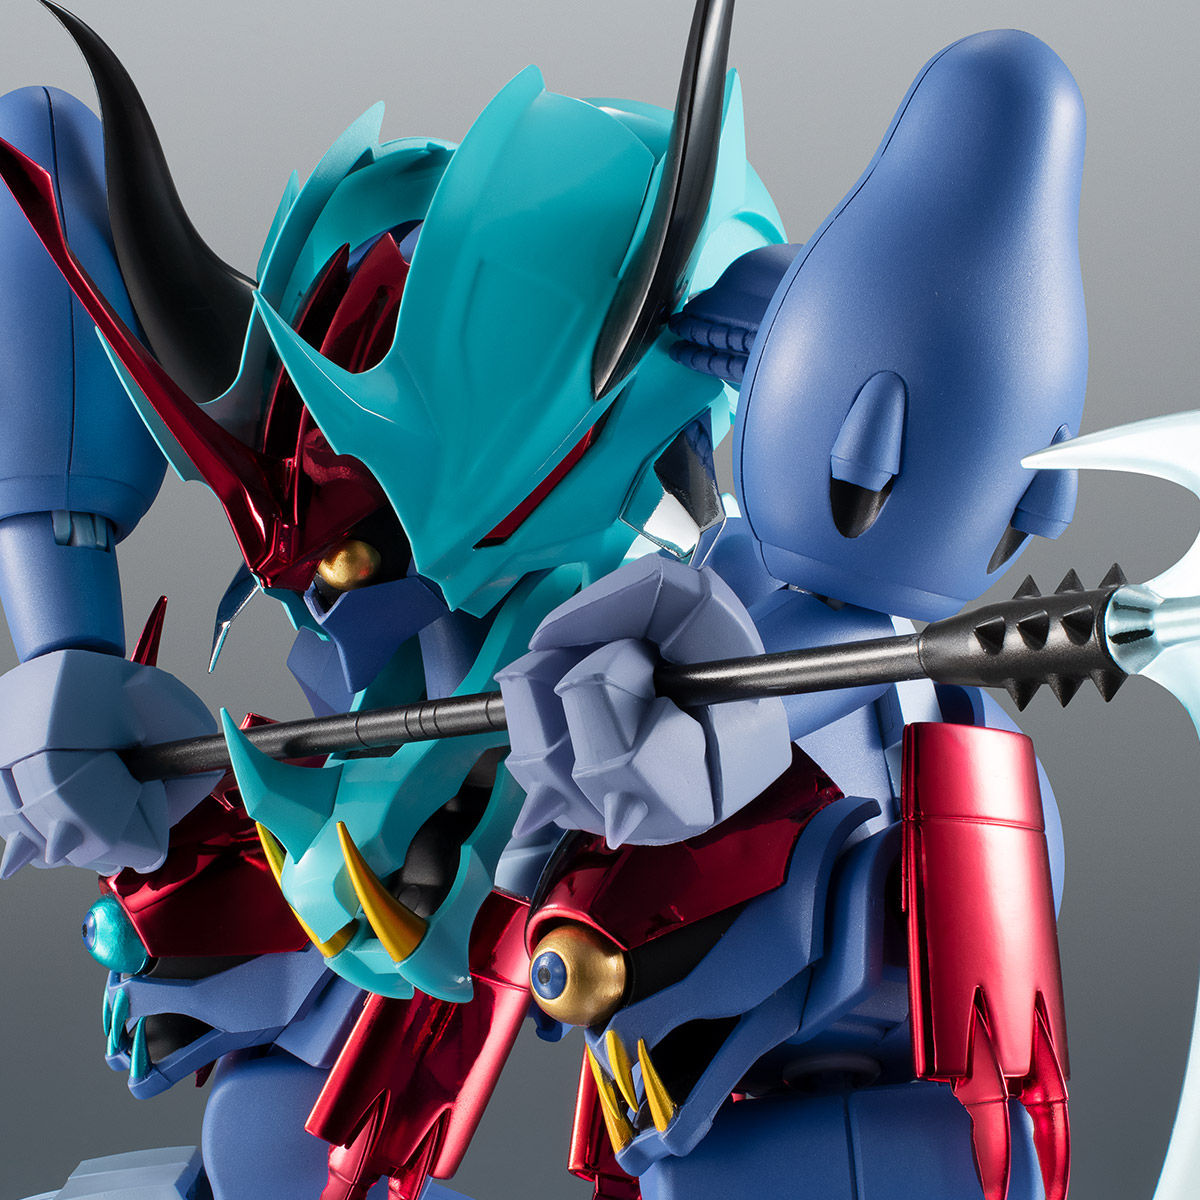 【限定販売】ROBOT魂〈SIDE MASHIN〉『ガッタイダー 30周年特別記念版』魔神英雄伝ワタル 可動フィギュア-001